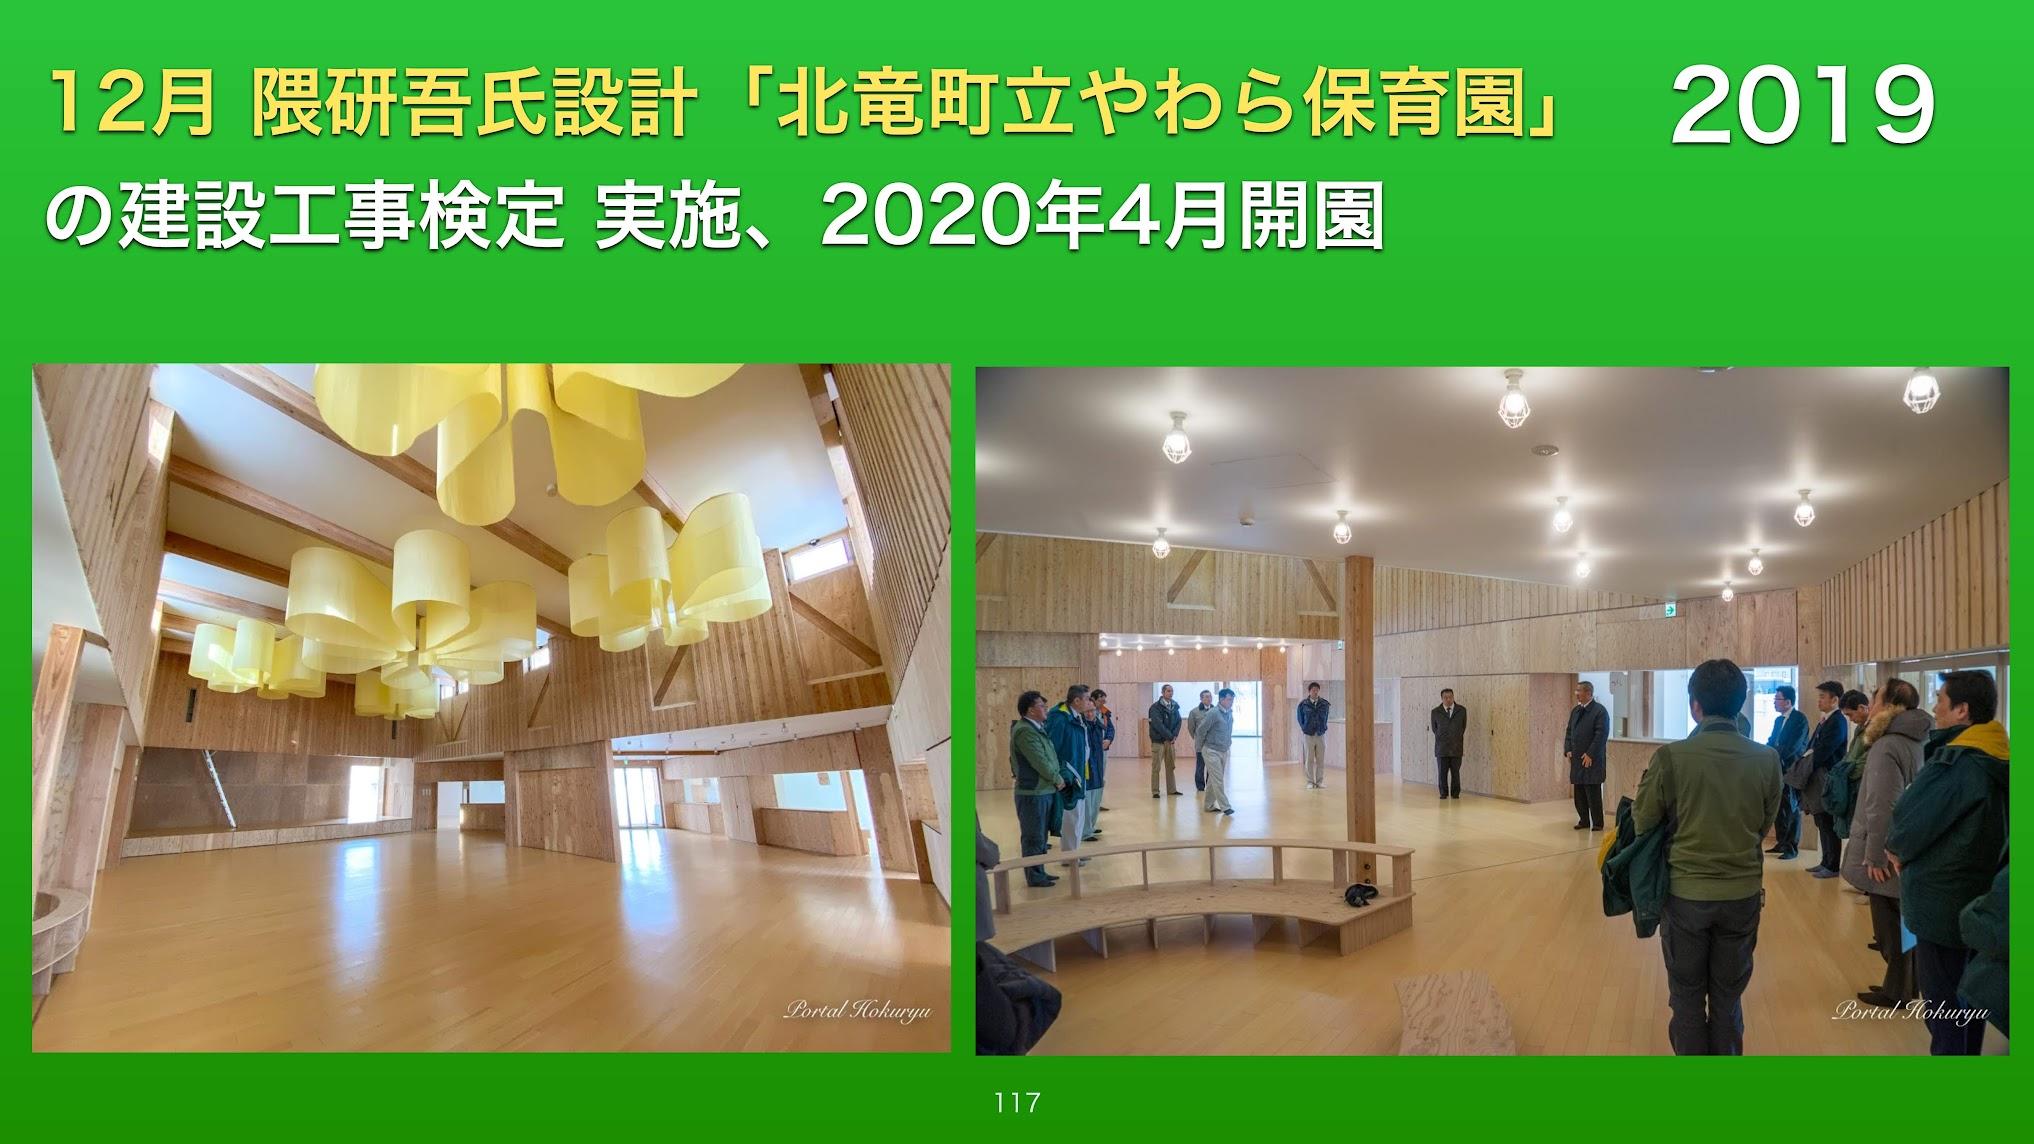 12月 隈研吾氏設計「北竜町立やわら保育園」の建設工事検定 実施